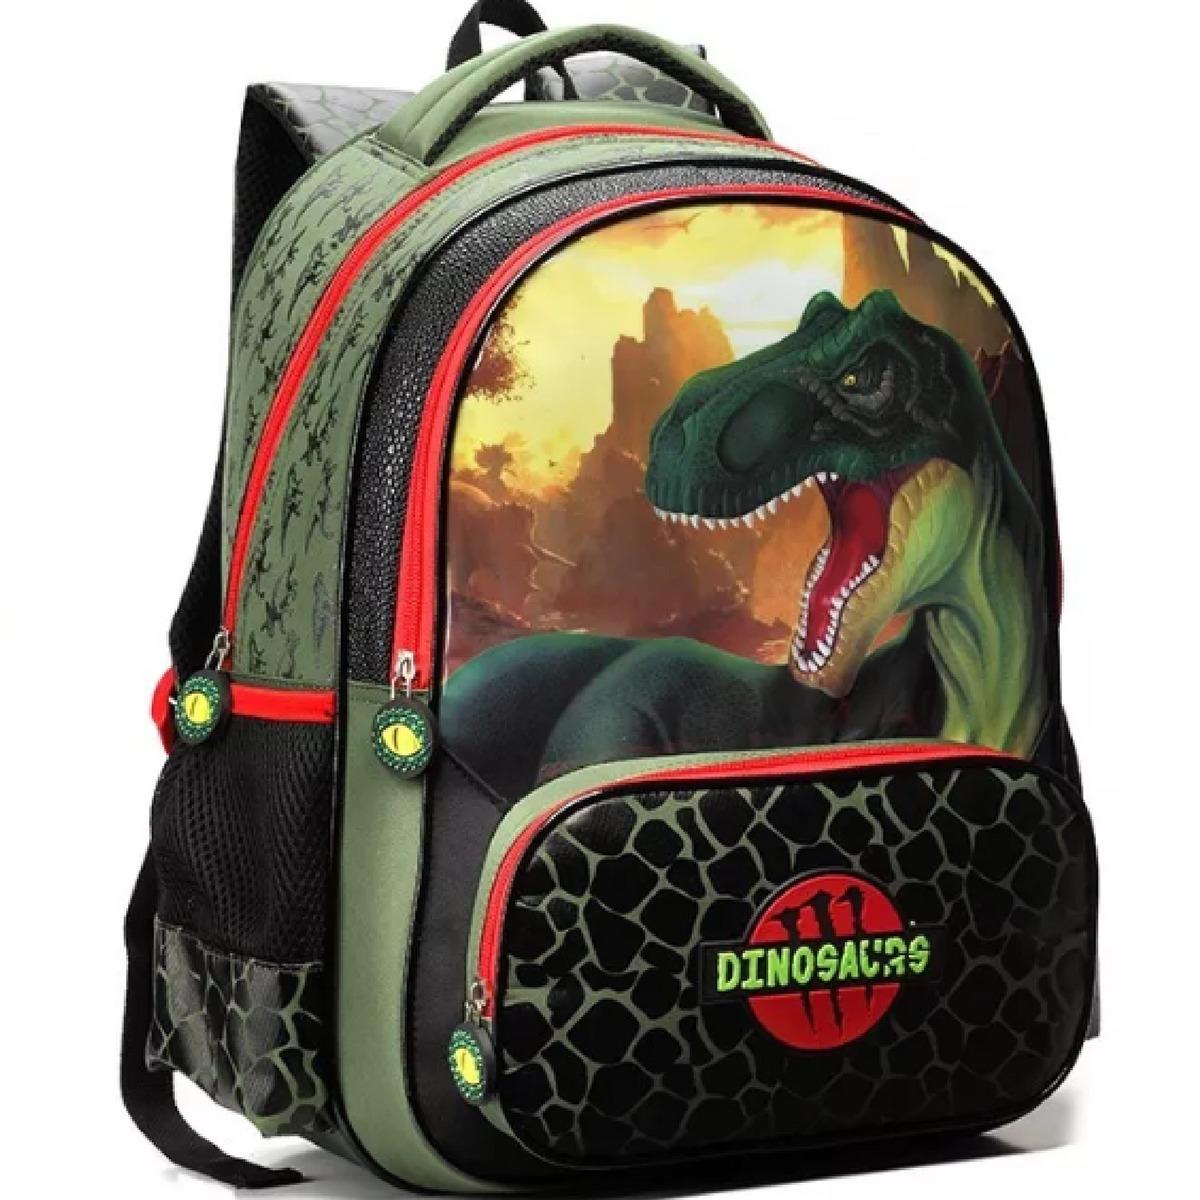 1b5e1cf32 mochila infantil dinossauro seanite de costas tam g promoção. Carregando  zoom.